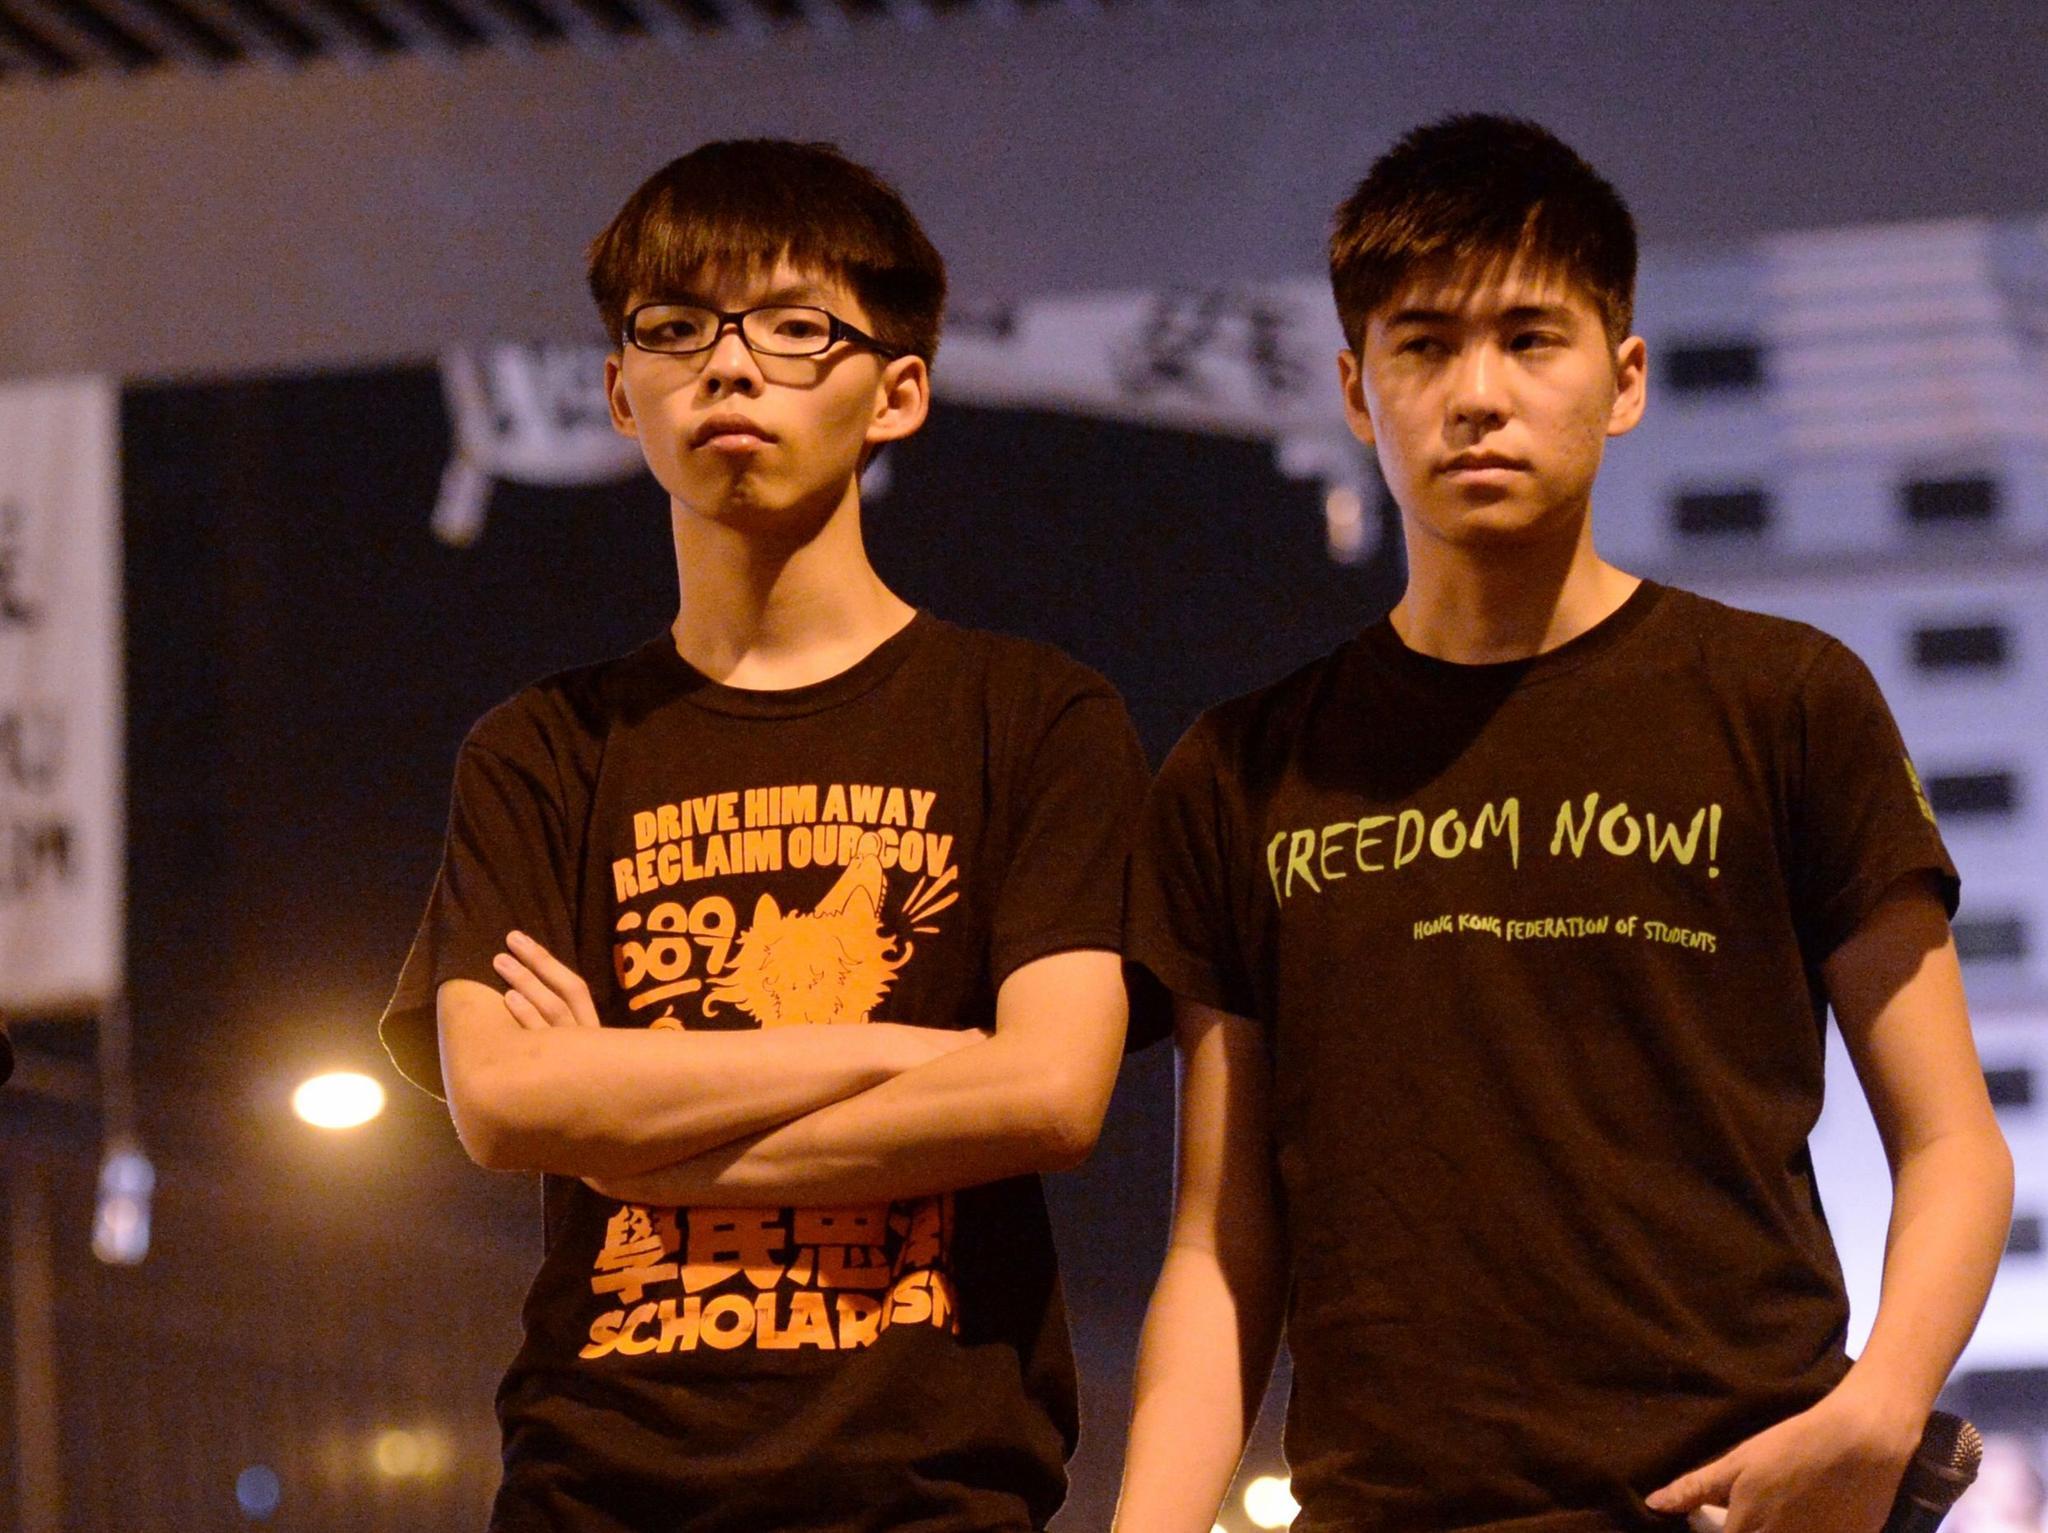 16名被告包括已认罪的黄之锋、岑敖晖。(香港《头条日报》)